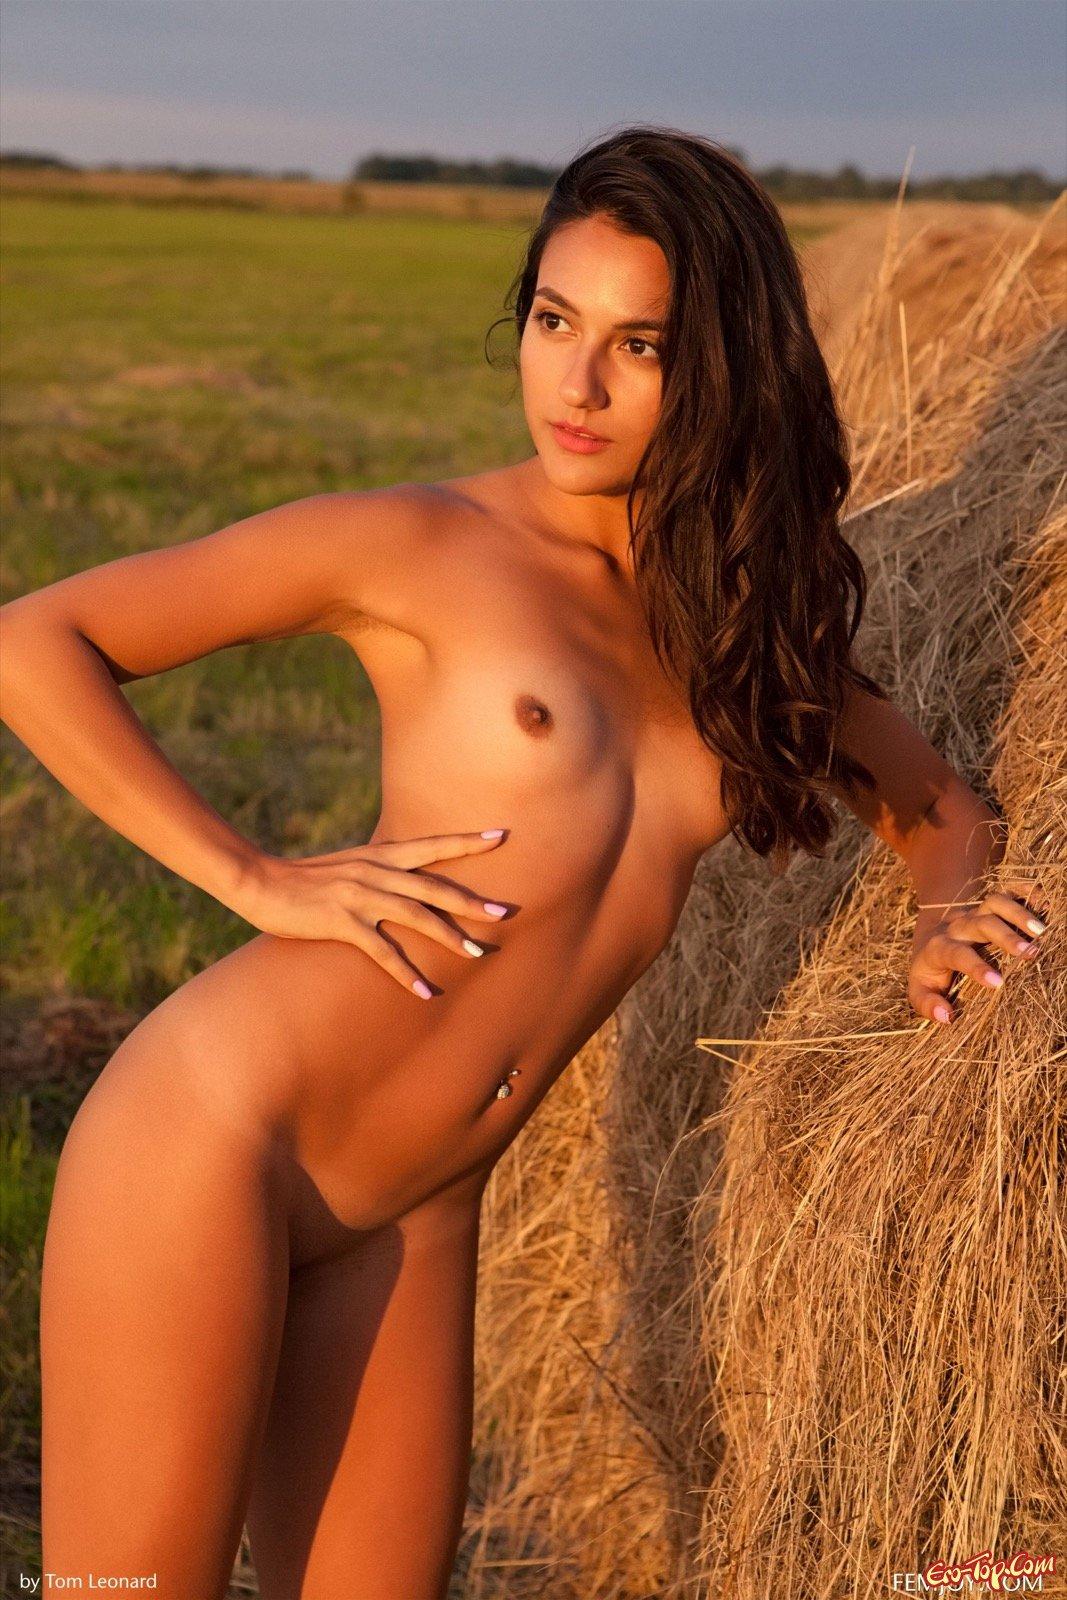 Нагая шатенка с пирсингом в пупке позирует в поле